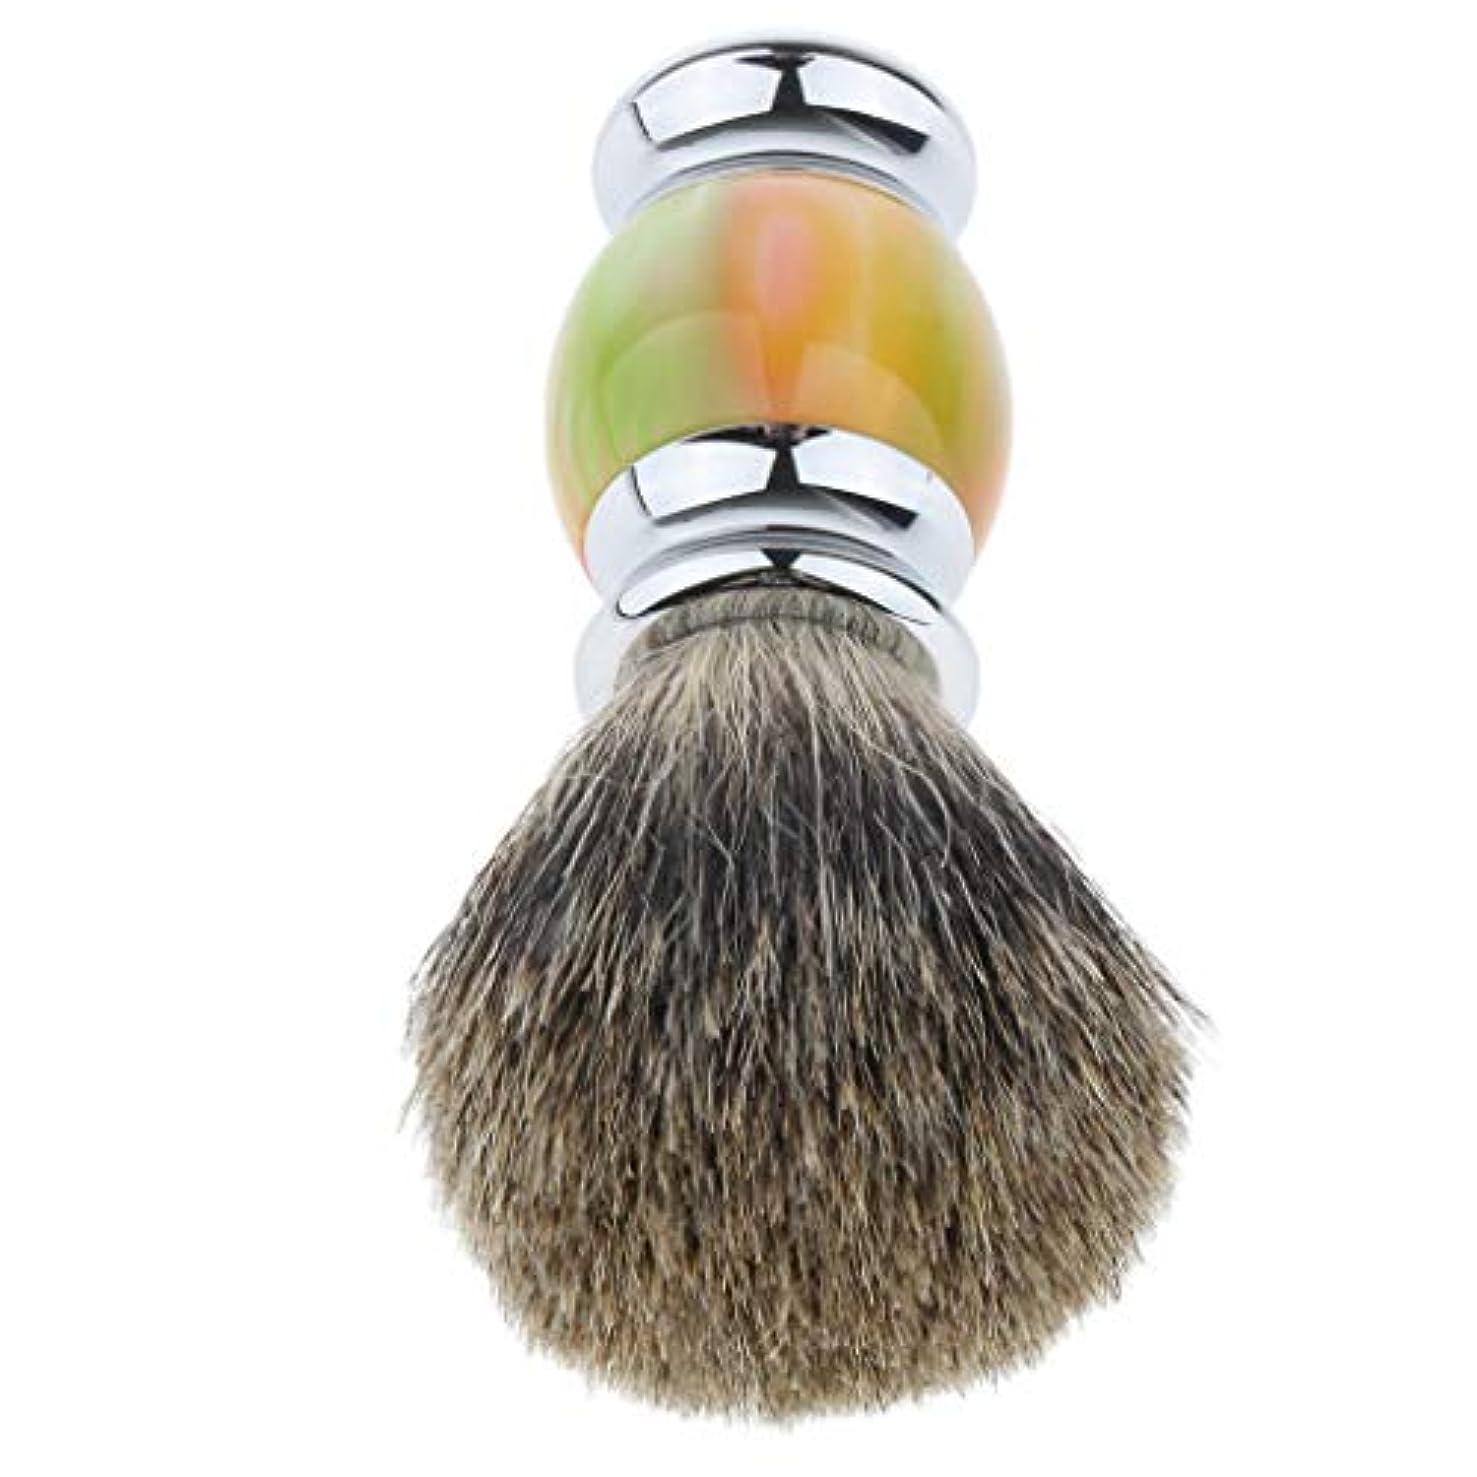 鏡電話をかけるプログレッシブシェービングブラシ ひげブラシ ひげ剃り 理容 洗顔 髭剃り ひげ剃りブラシ 多色選べ - 01